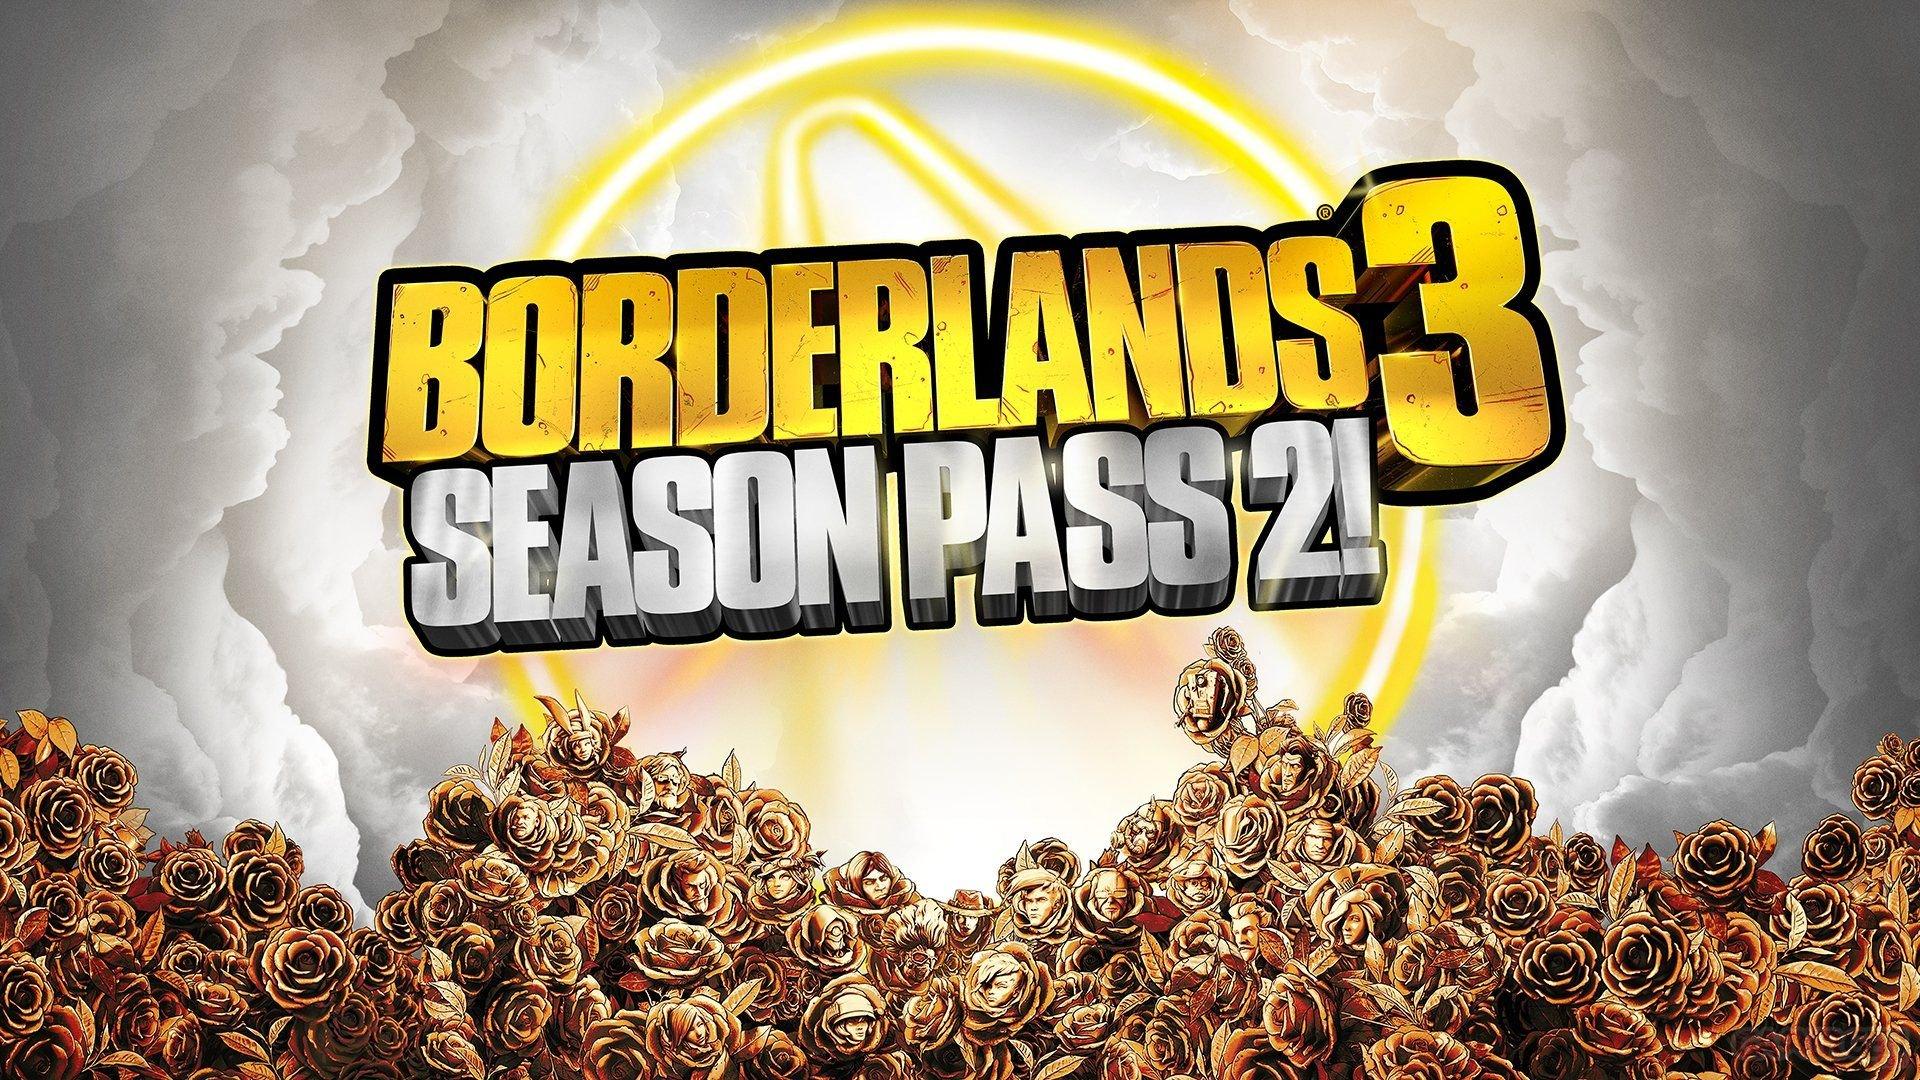 Borderlands 3 : Le Season Pass 2 annoncé